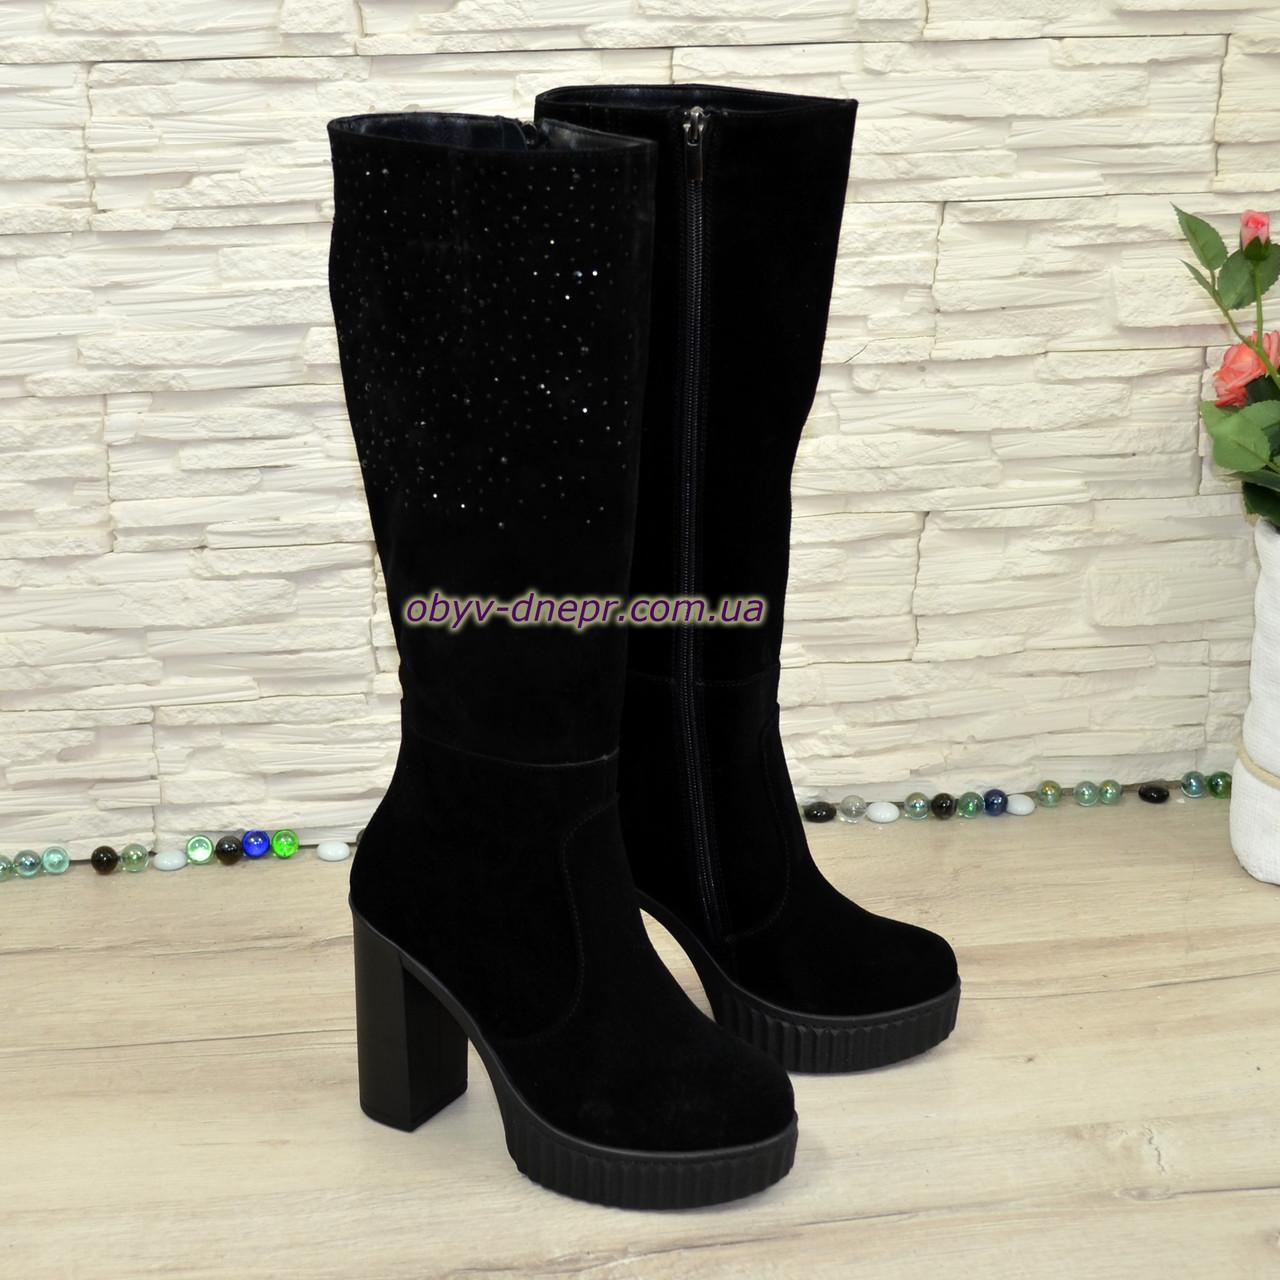 Сапоги демисезонные замшевые черные на высоком каблуке, декорированы накаткой камней